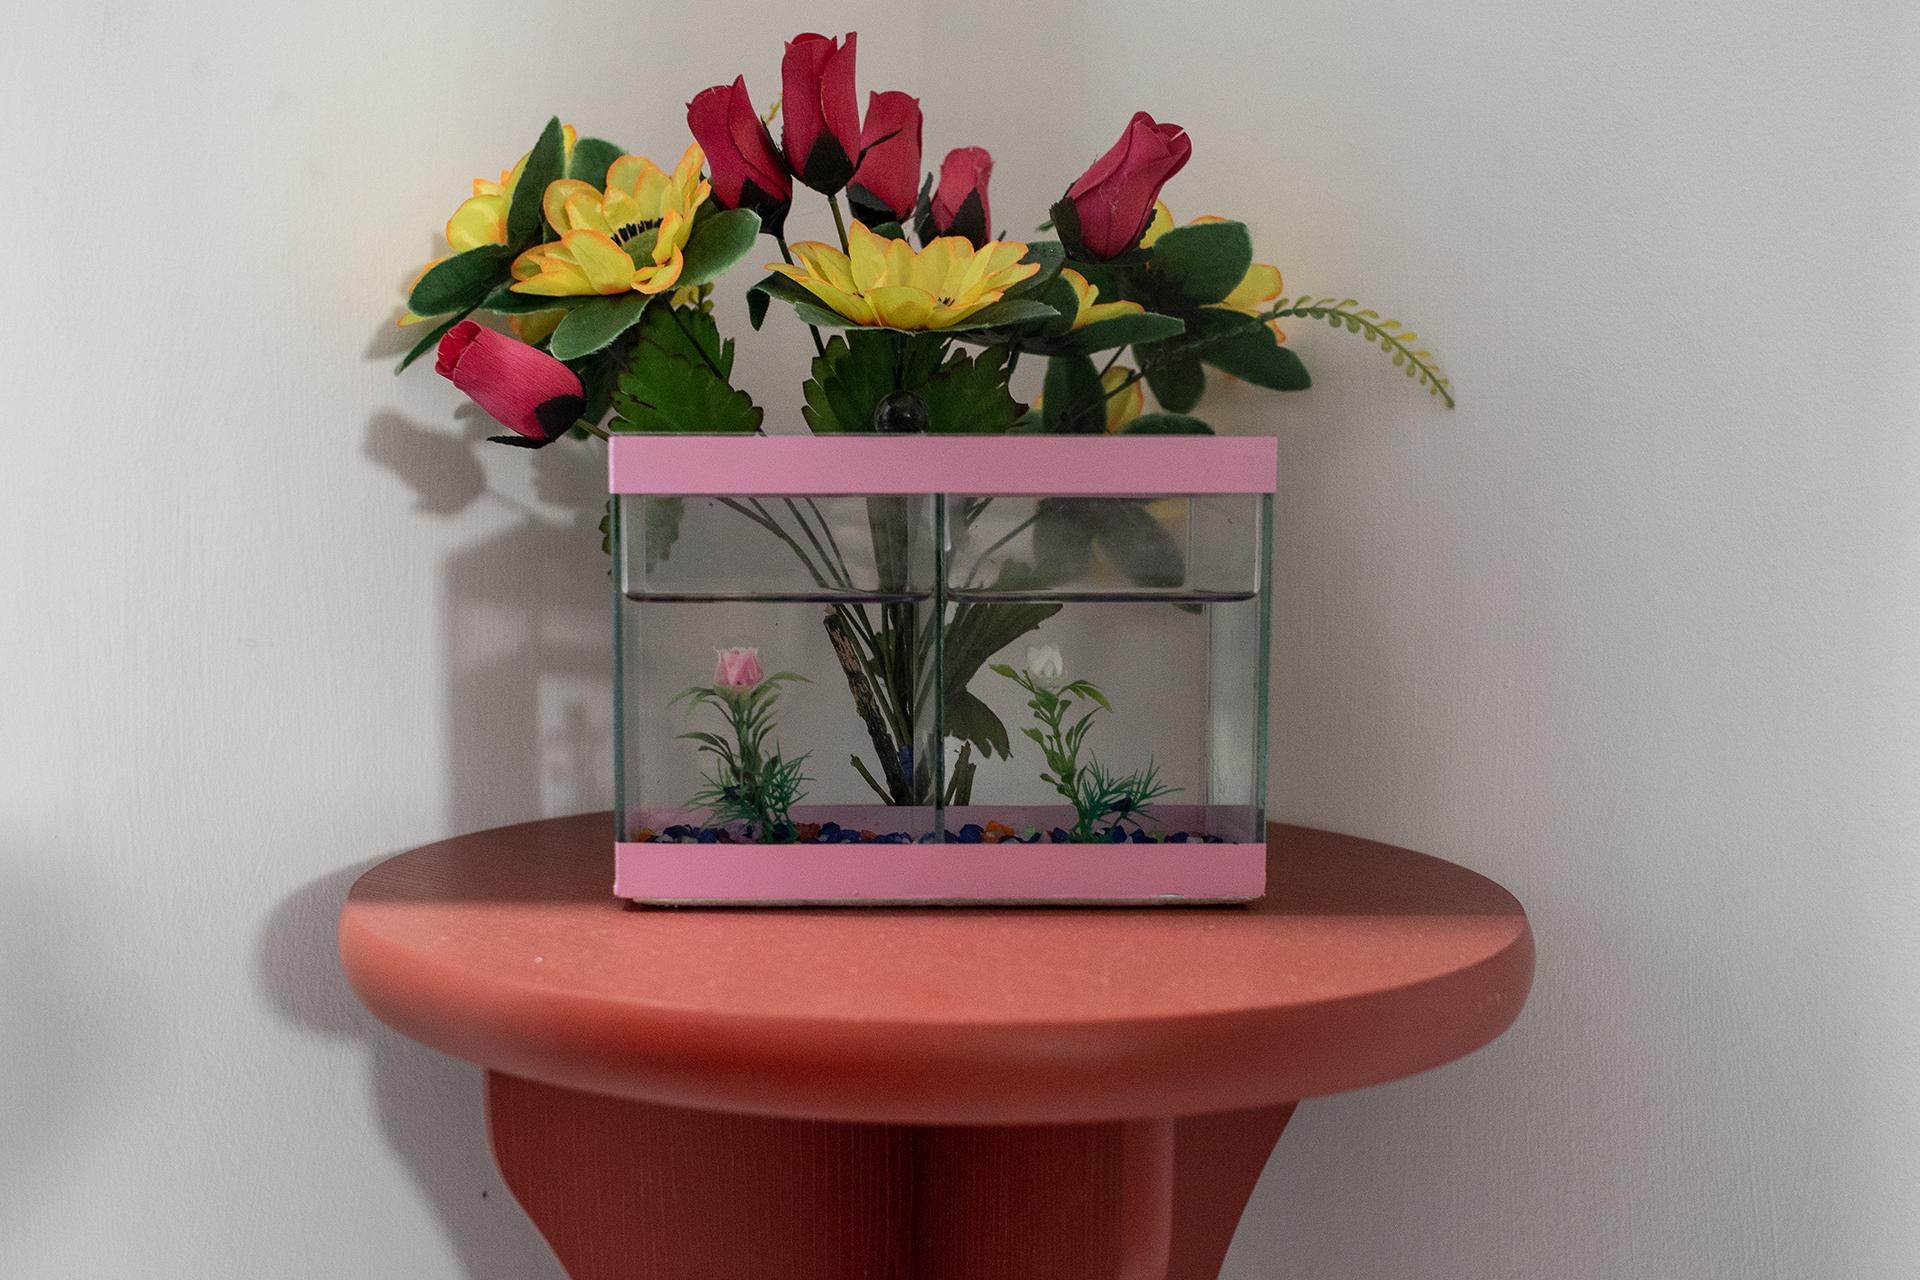 Aquário sem peixes decora a cozinha de Aline. Ela encontrou o aquário na casa de Murilo e ganhou o objeto de presente. Agora, está em processo de decisão sobre ter peixes Beta como companhia.